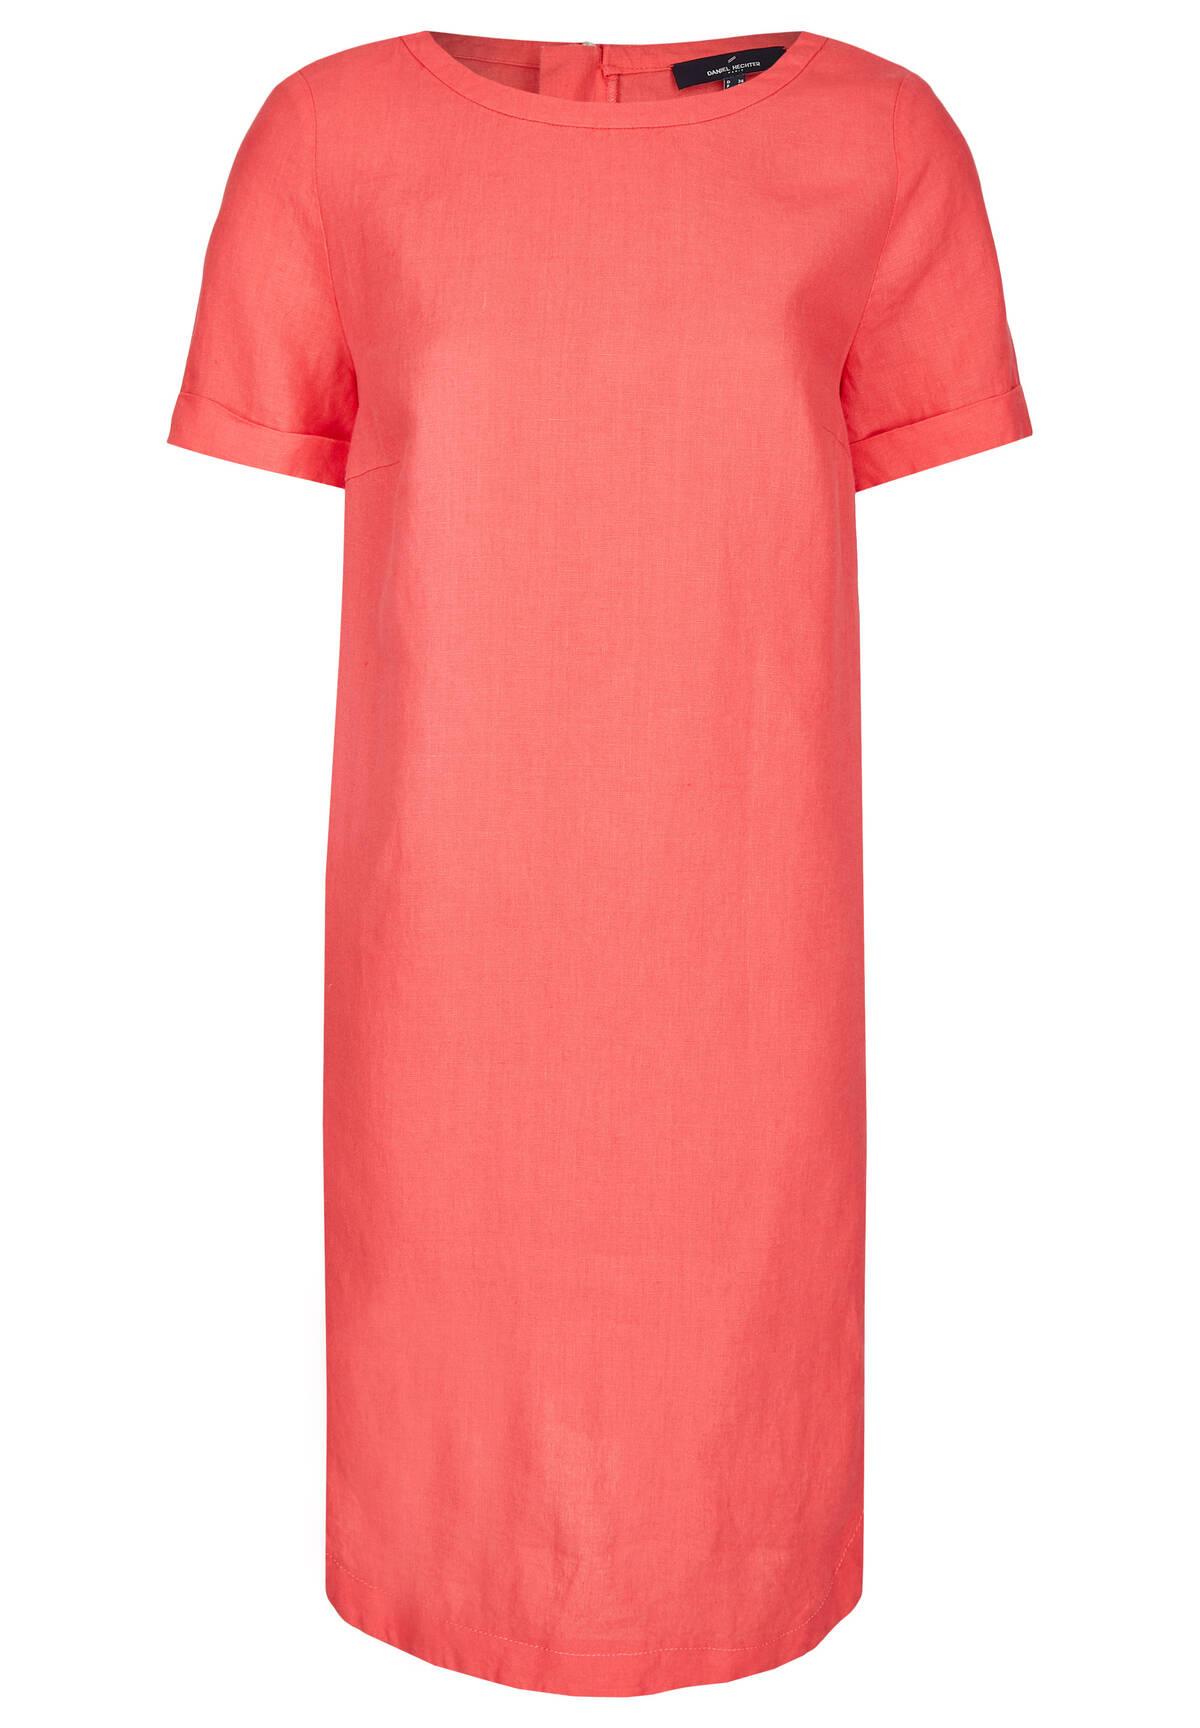 Sommerliches Kleid im schlichten Design / Linen Dress